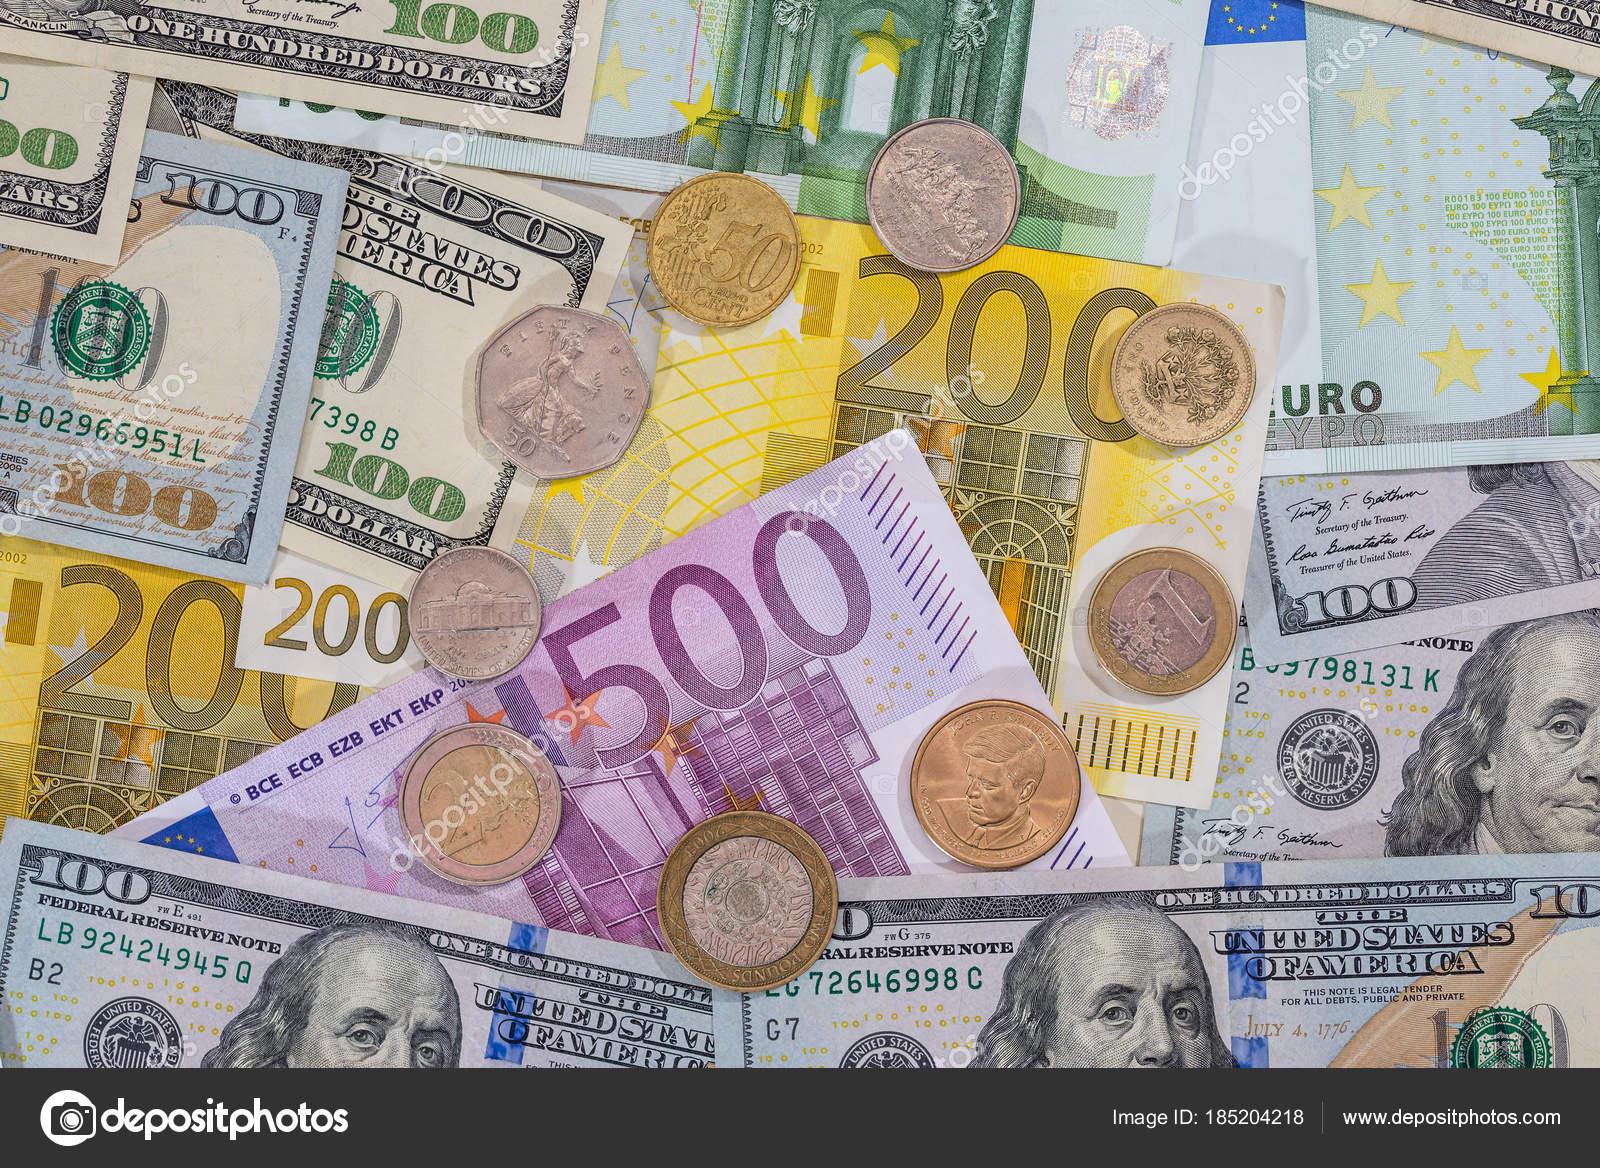 Фунты в евро калькулятор скачать книги по форексу торговле